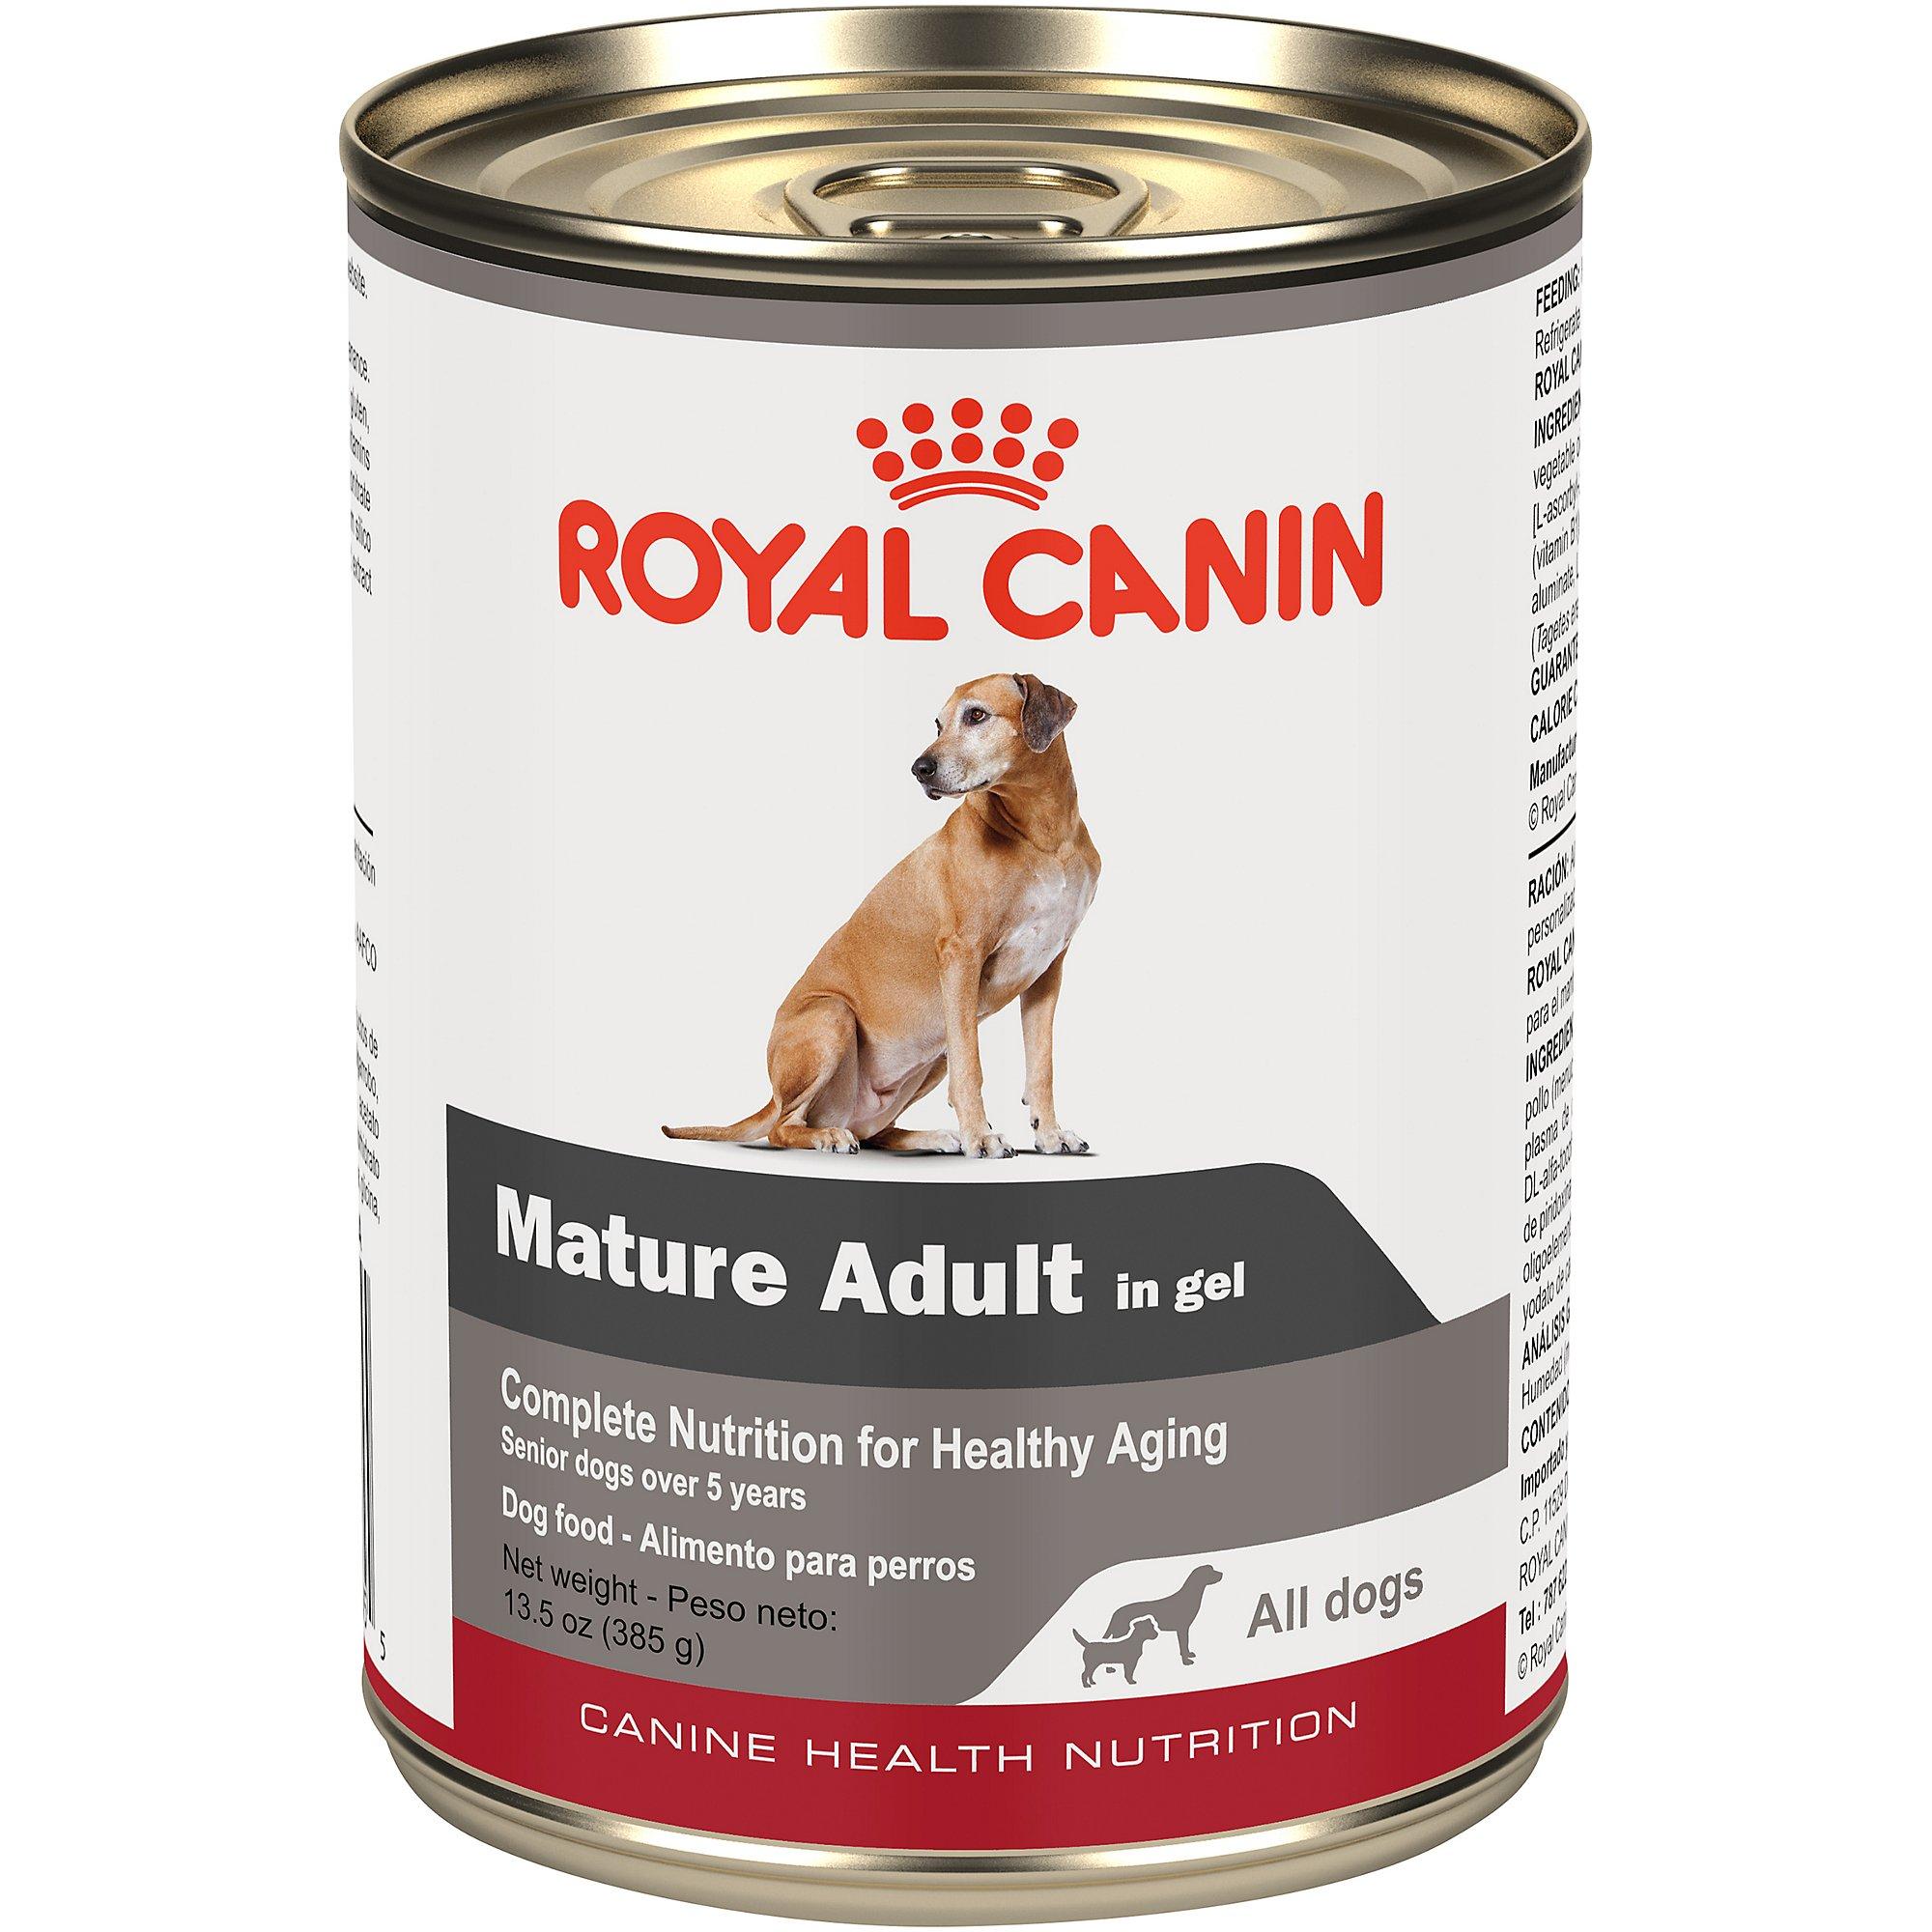 Royal Canin Id Dog Food